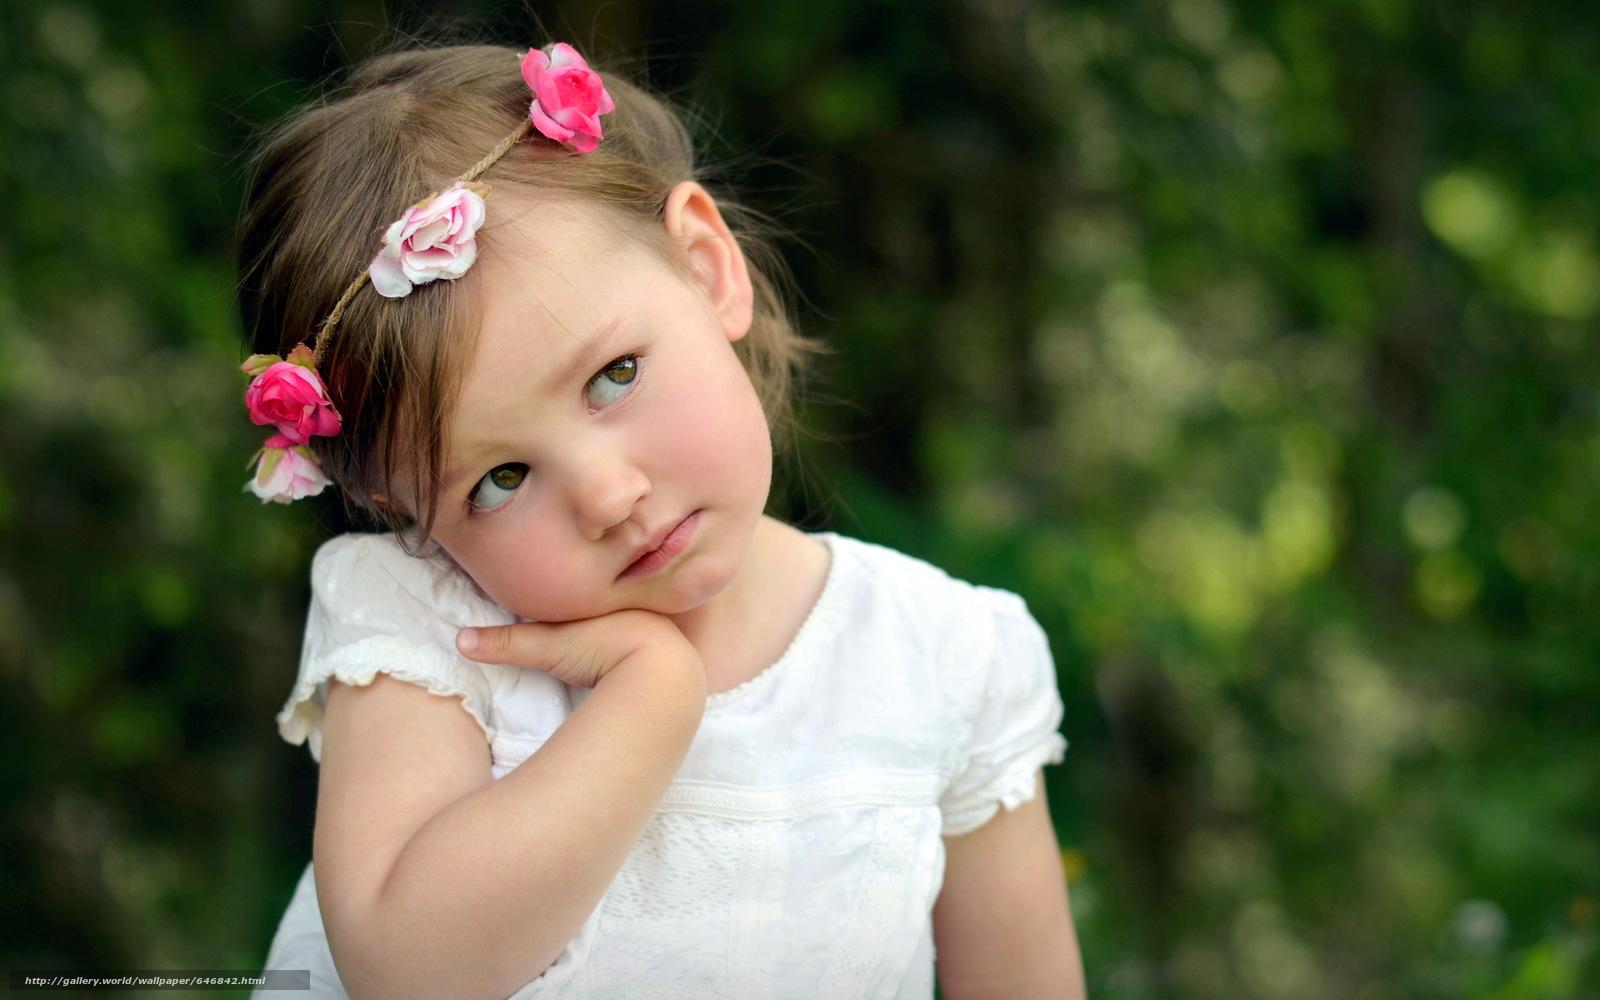 Tlcharger Fond d'ecran fille, les filles, enfants, bébé Fonds d'ecran gratuits pour votre ...